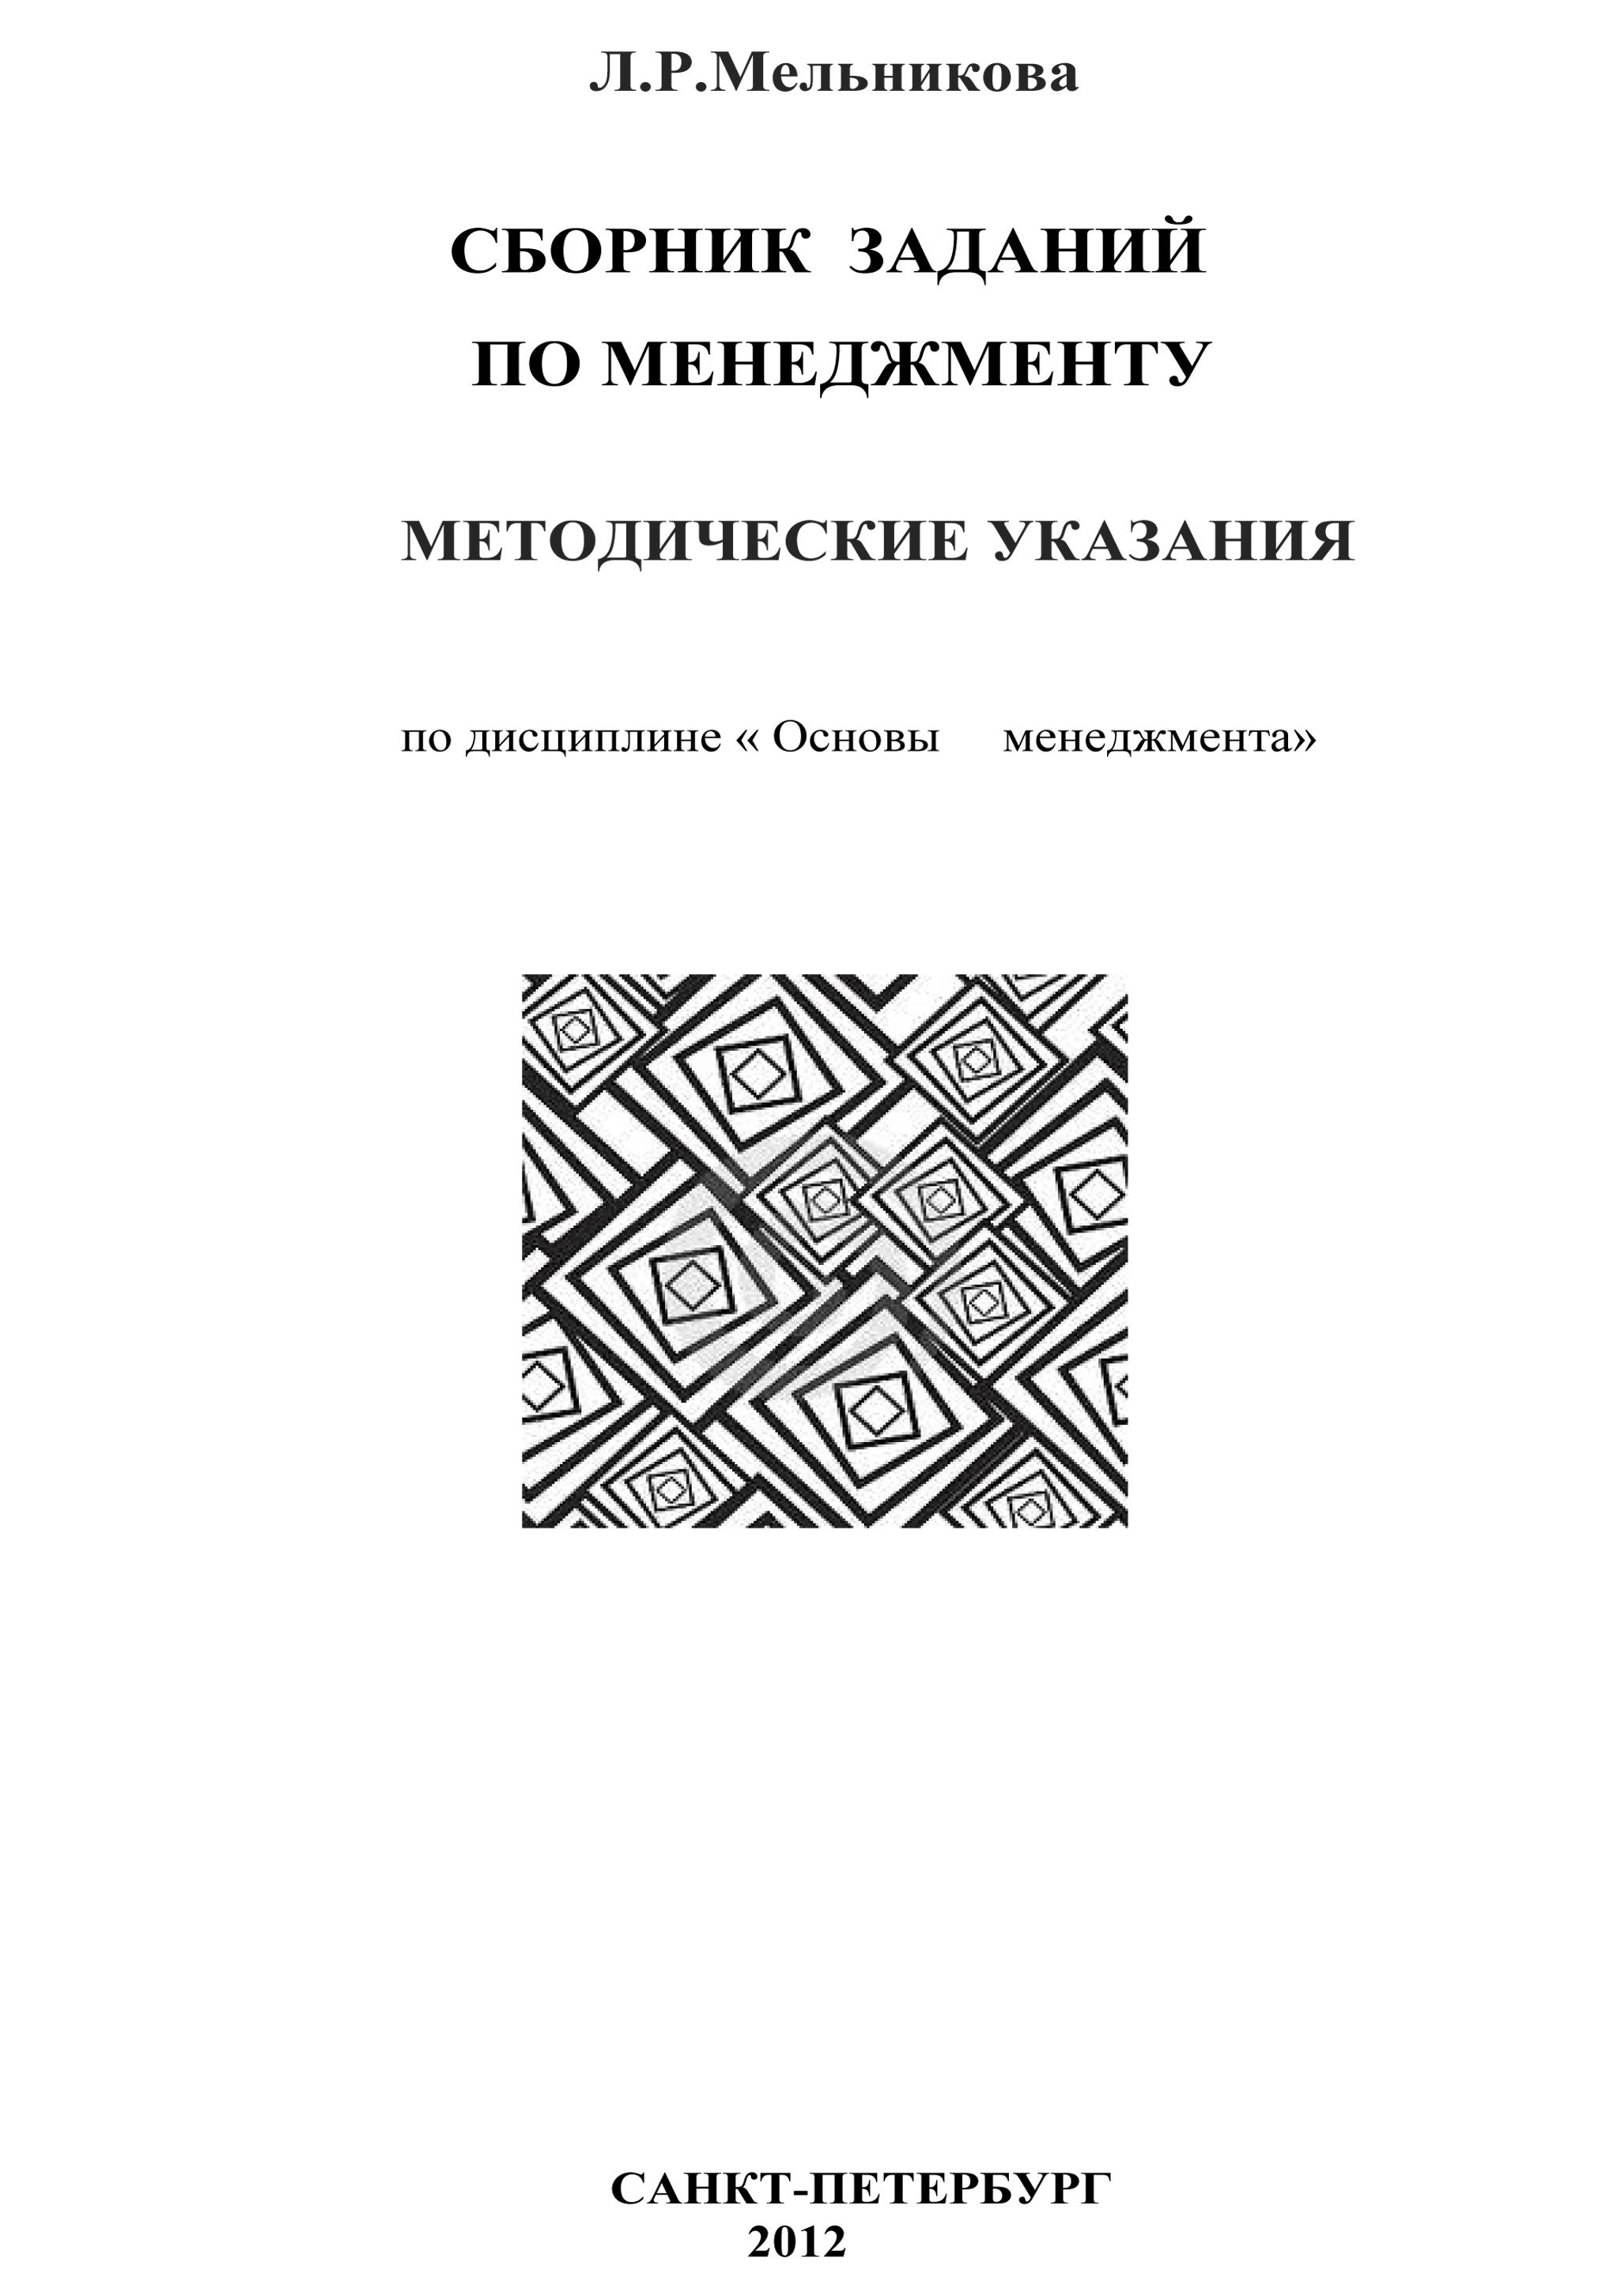 Инженерной графике миронова решебник заданий учебник сборник по онлайн